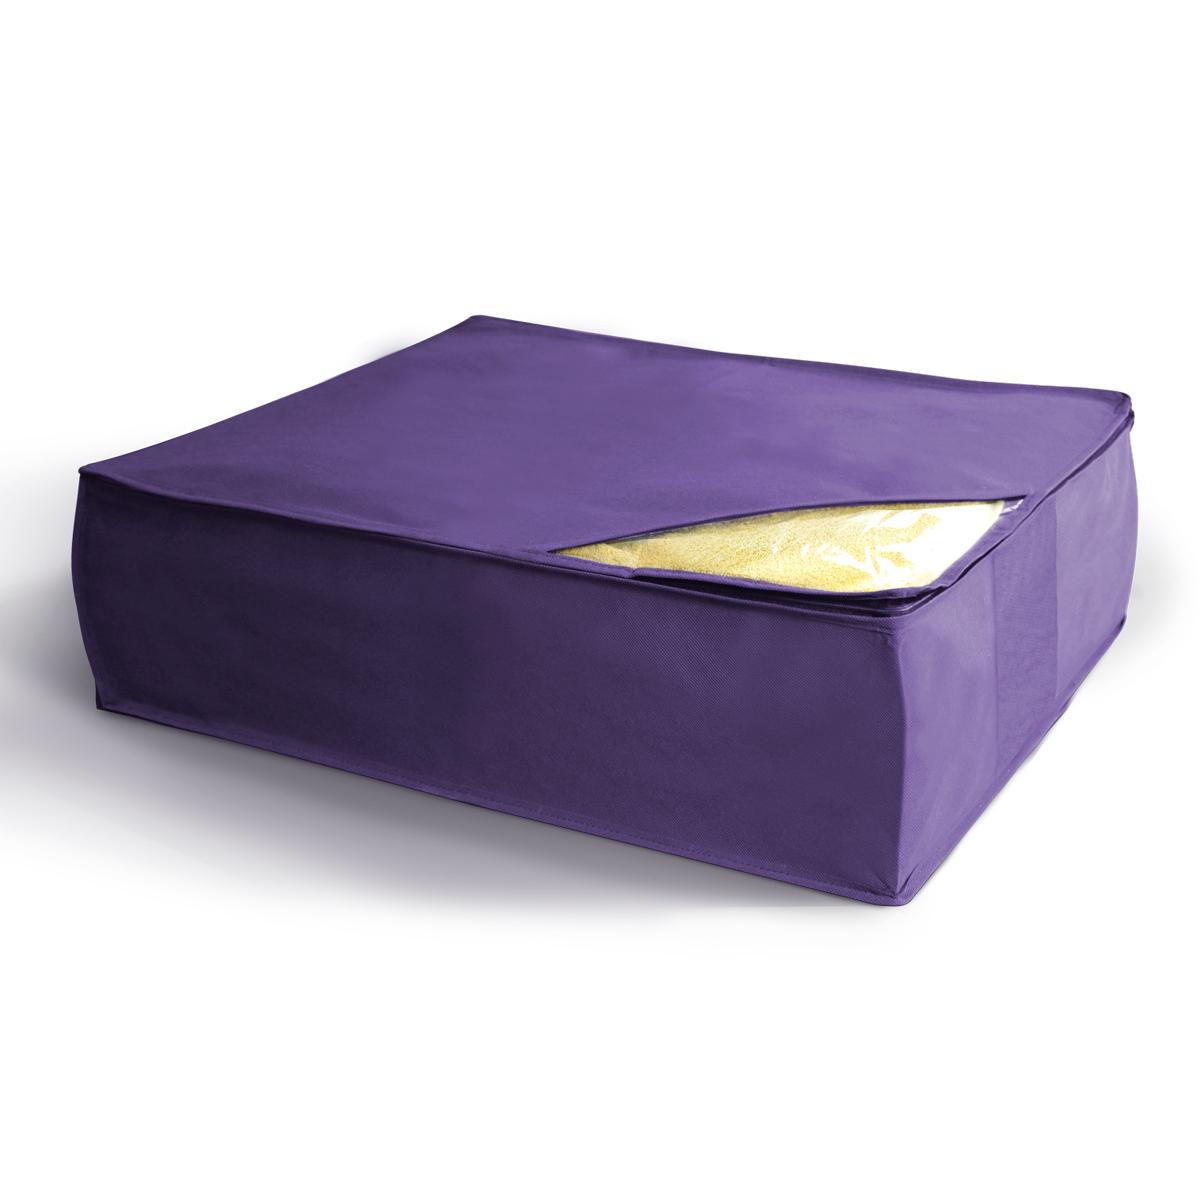 Кофр для хранения Miolla, складной, цвет: сиреневый, 50 х 58 х 19 смCHL-5-4Компактный складной кофр Miolla для хранения одеял, подушек и пледов изготовлен из высококачественногонетканого материала, которыйобеспечивает естественную вентиляцию, позволяя воздуху проникать внутрь,но не пропускает пыль. Изделие закрывается на молнию. Размер кофра (в собранном виде): 50 x 58 x 19 см.